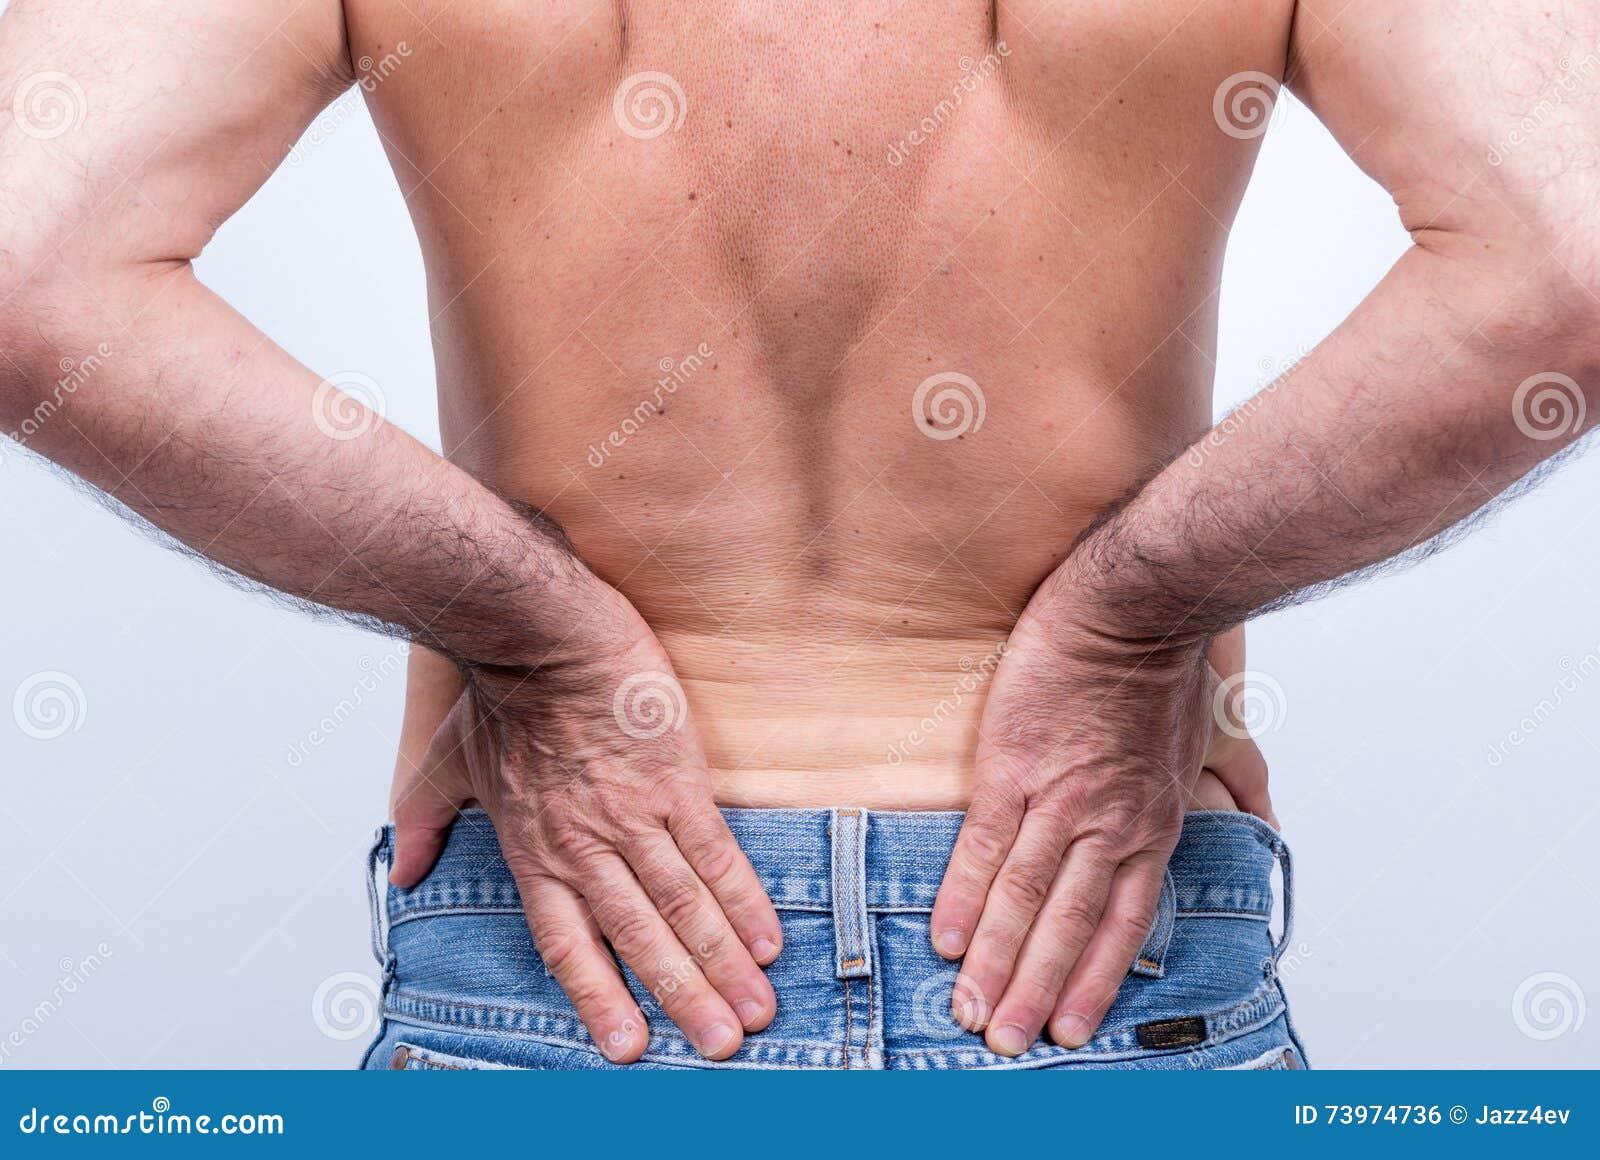 Hombre de mediana edad con dolor severo en la región lumbar